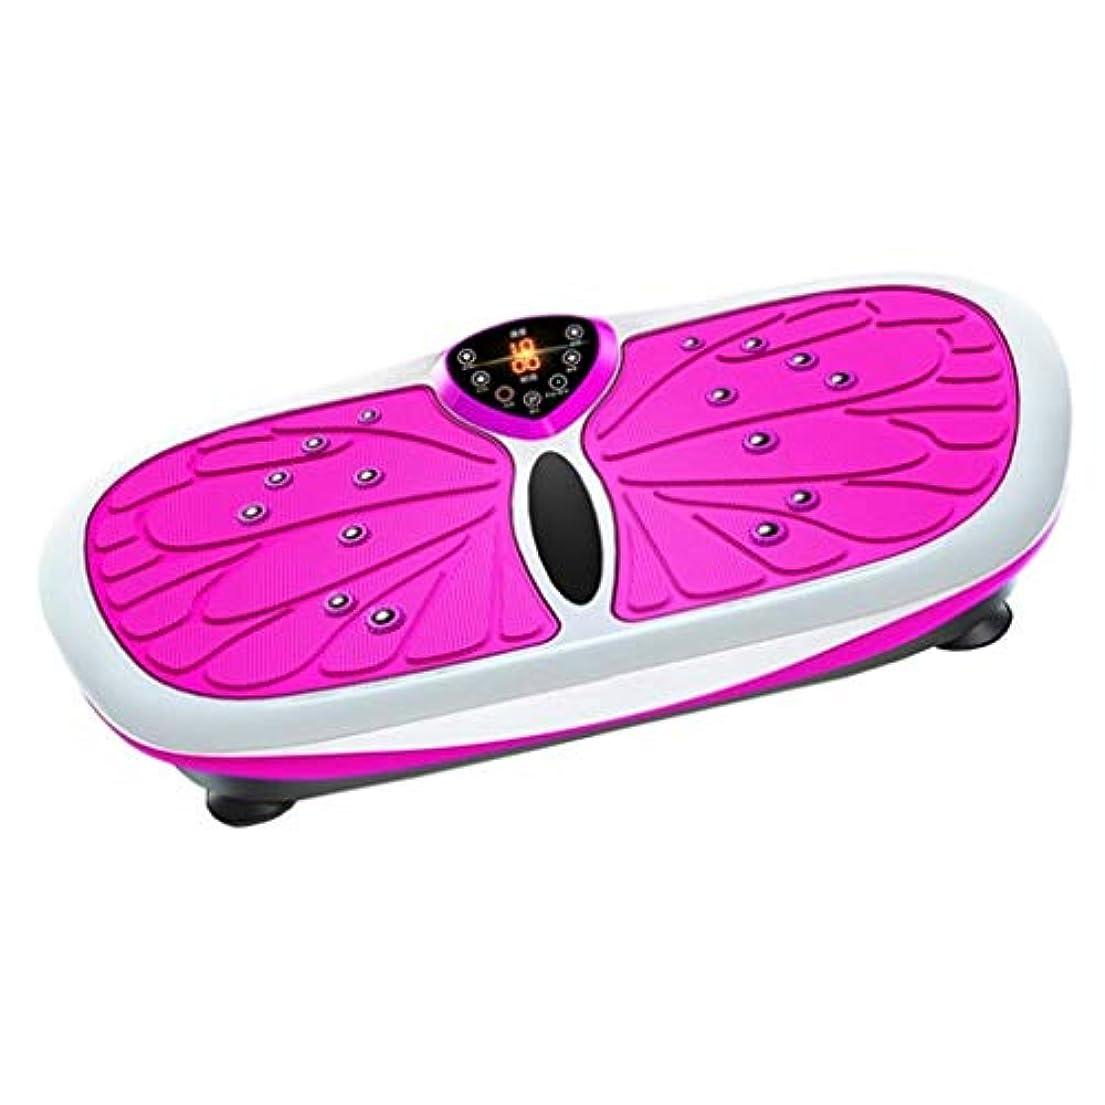 ランダム透けるアプト減量装置、サイレントモーター振動プレート-ジム自宅での体重減少のための99レベルの3D振動トレーナー磁気療法マッサージ (Color : ピンク)